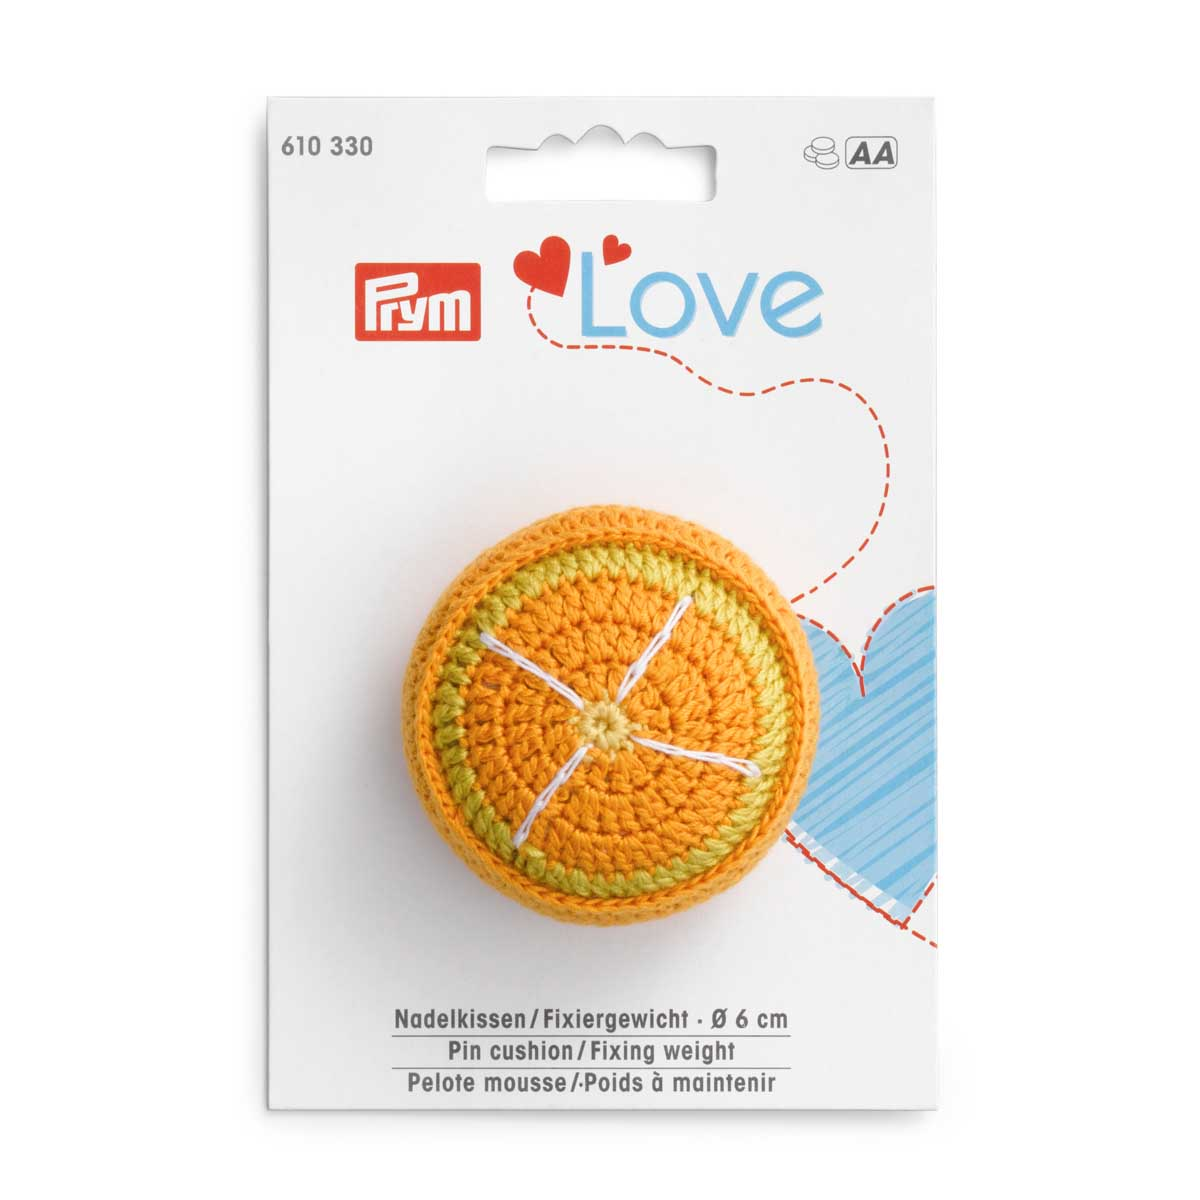 610330 Игольница апельсин Prym Love с фиксирующей гирей, Prym